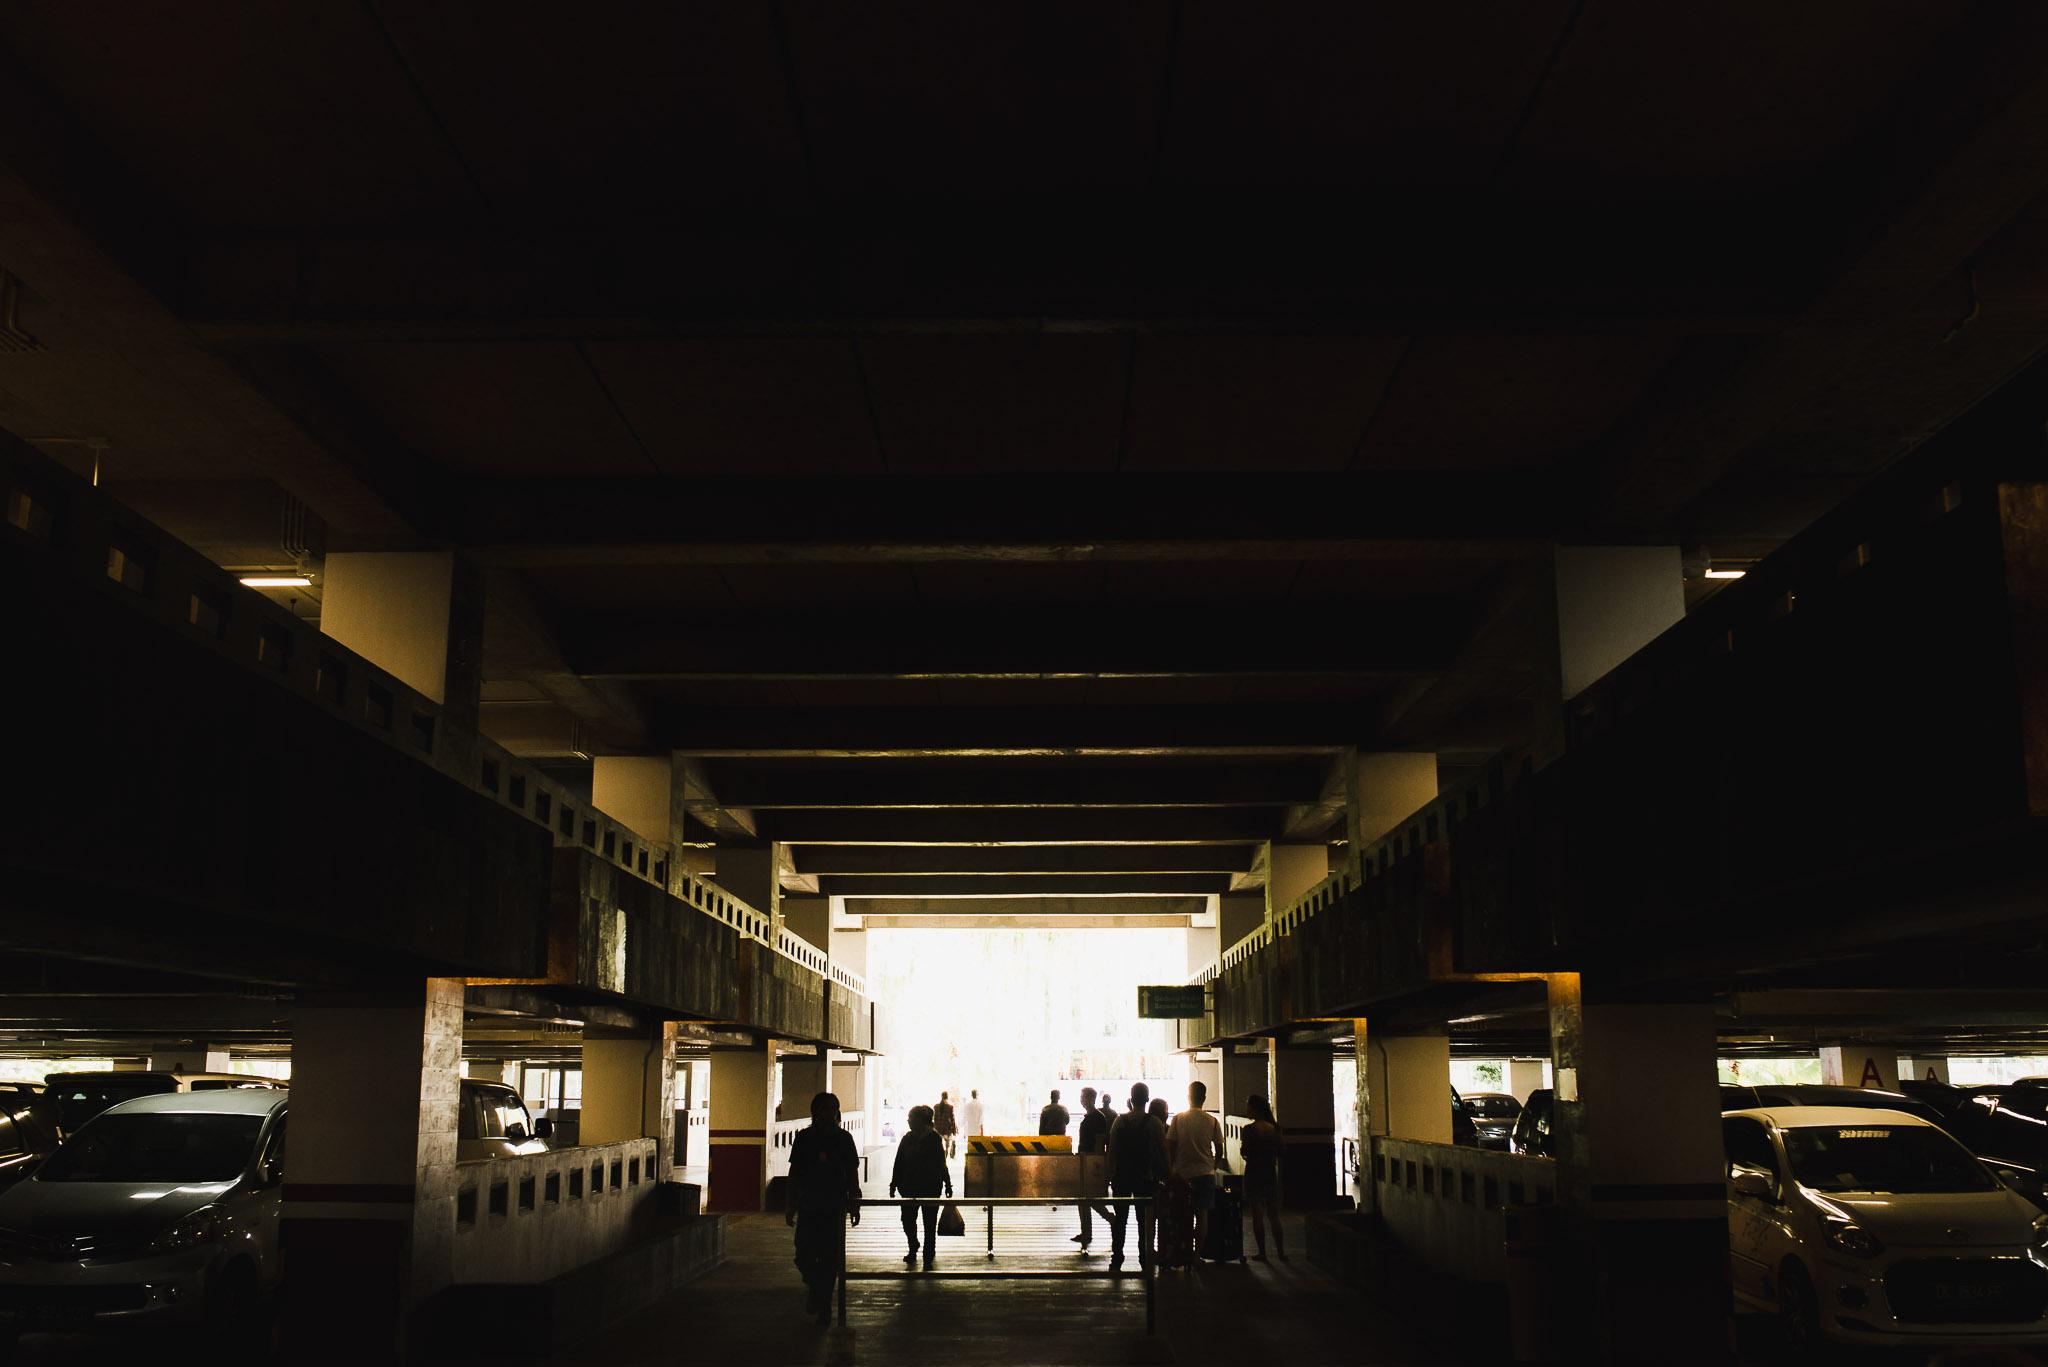 denpasar airport